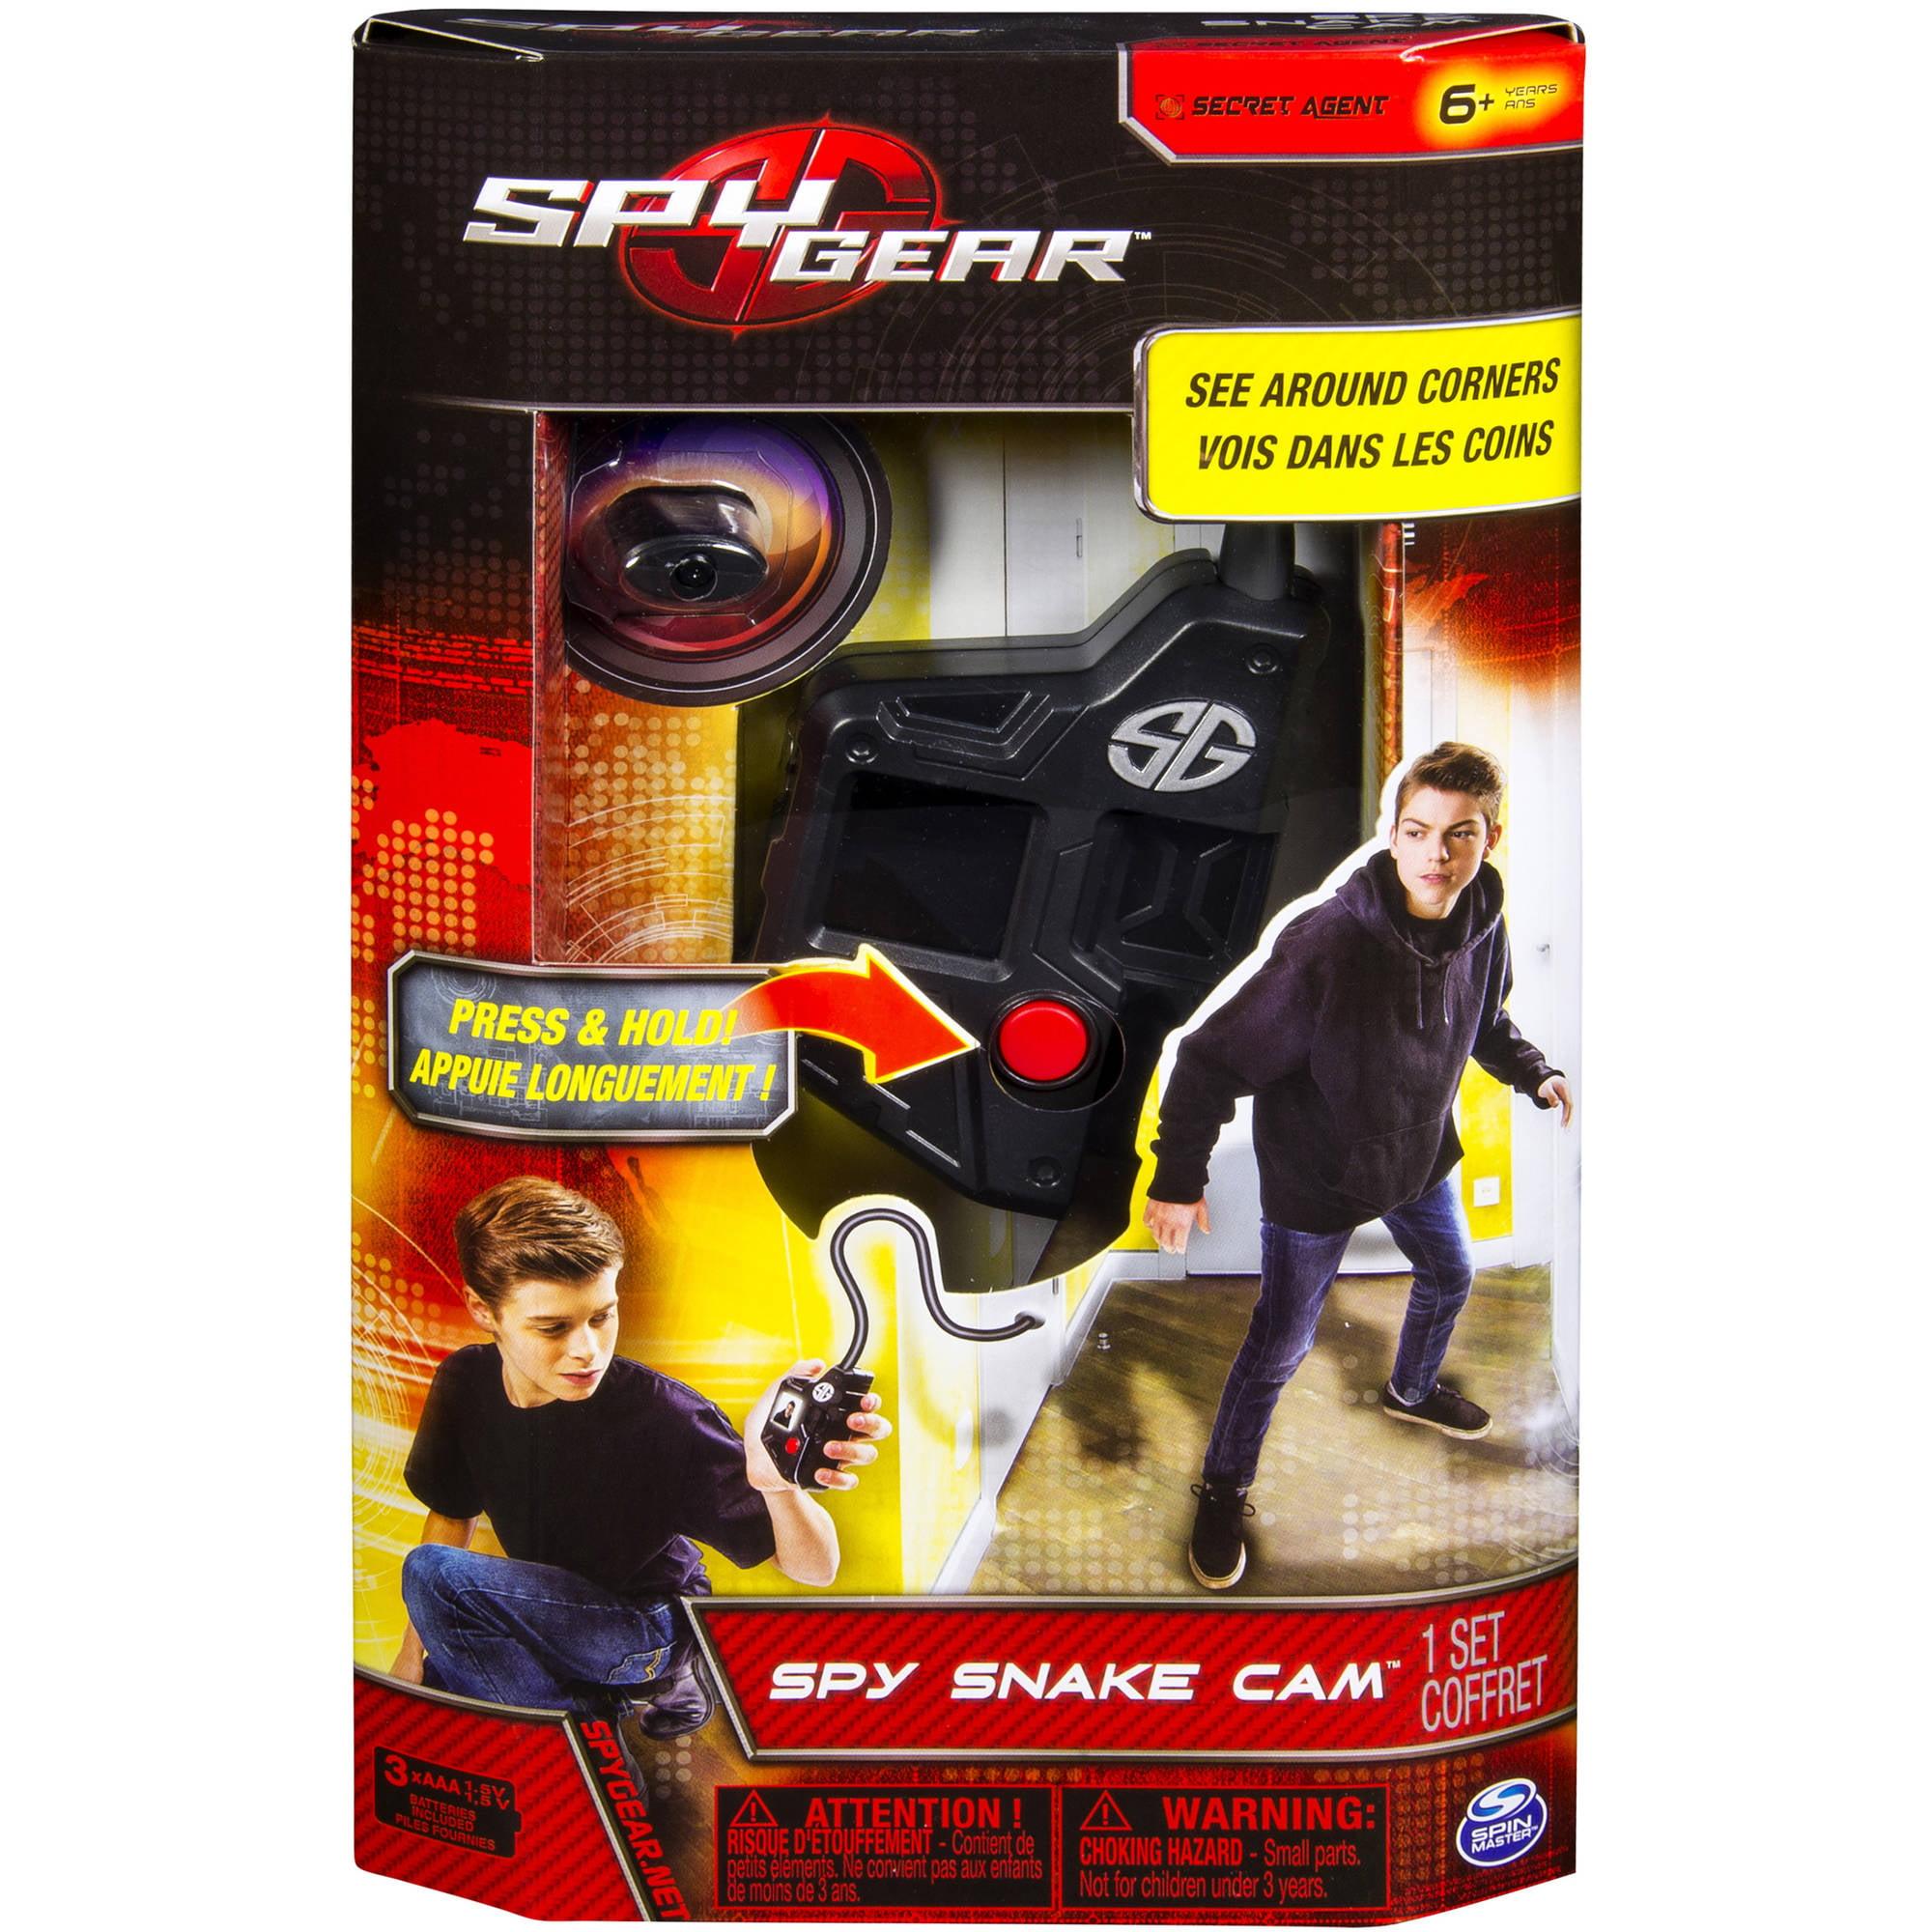 Spy Gear Snake Cam Walmart